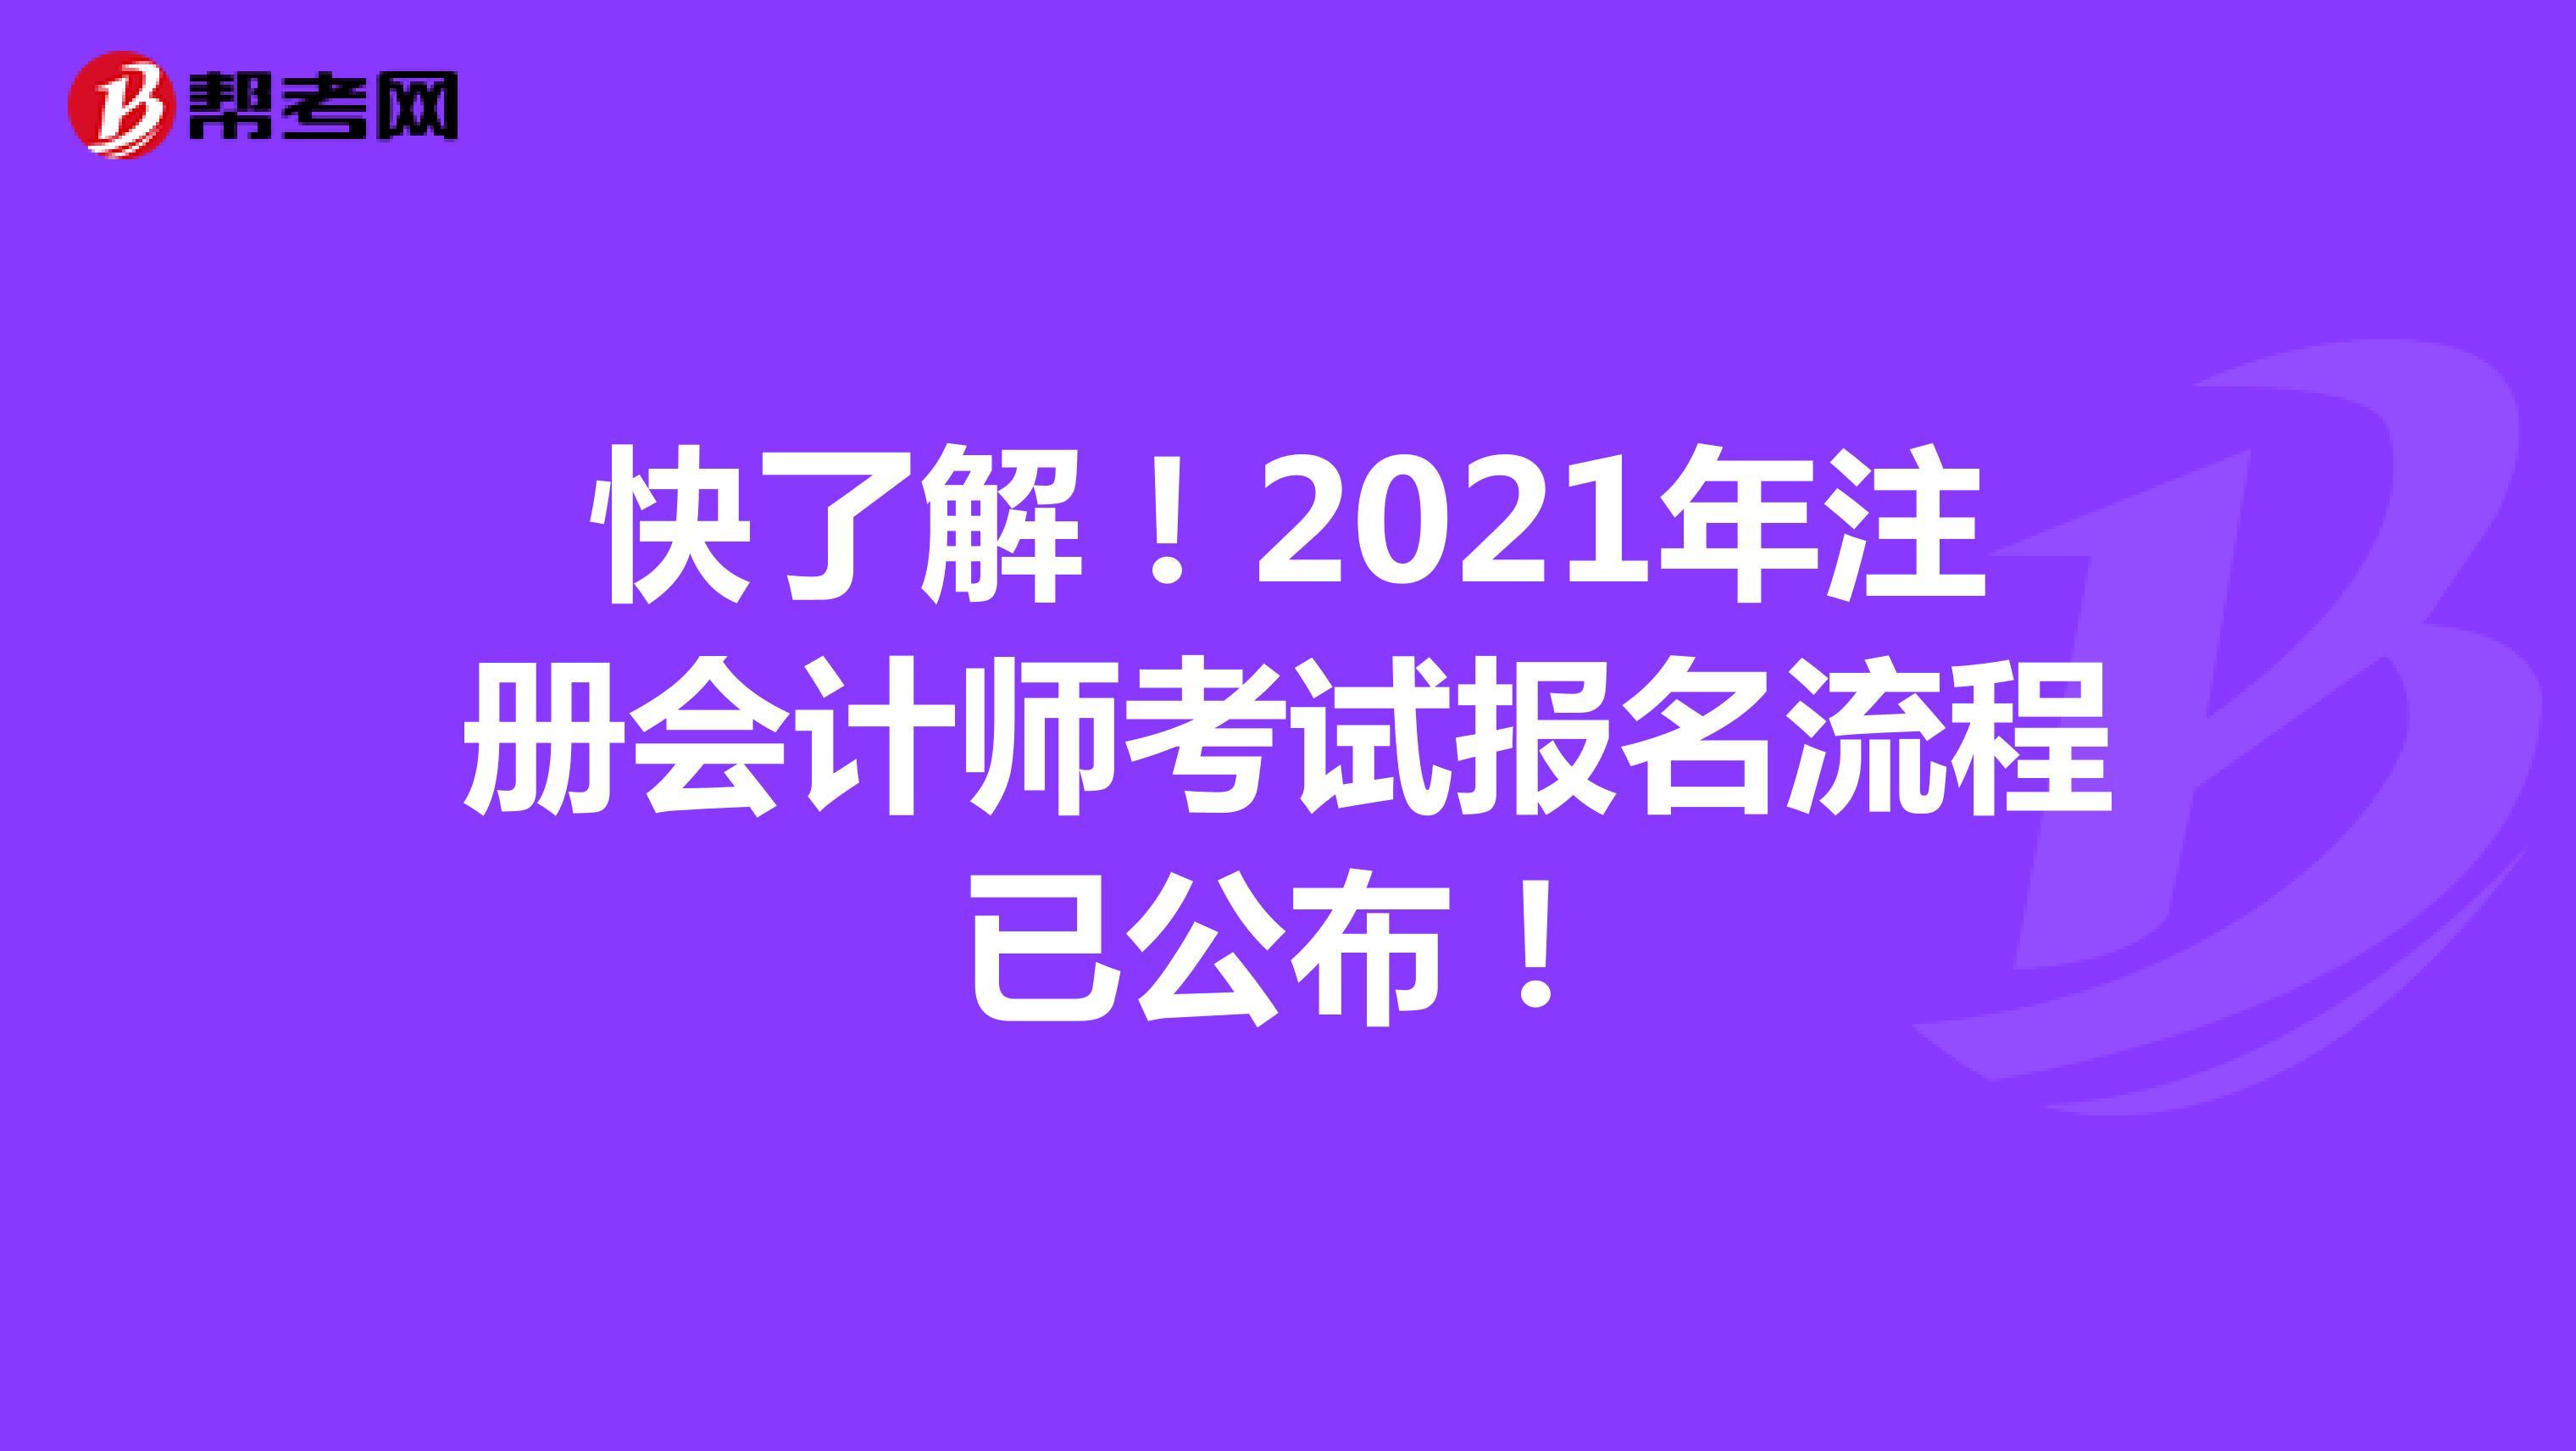 快了解!2021年注册会计师考试报名流程已公布!